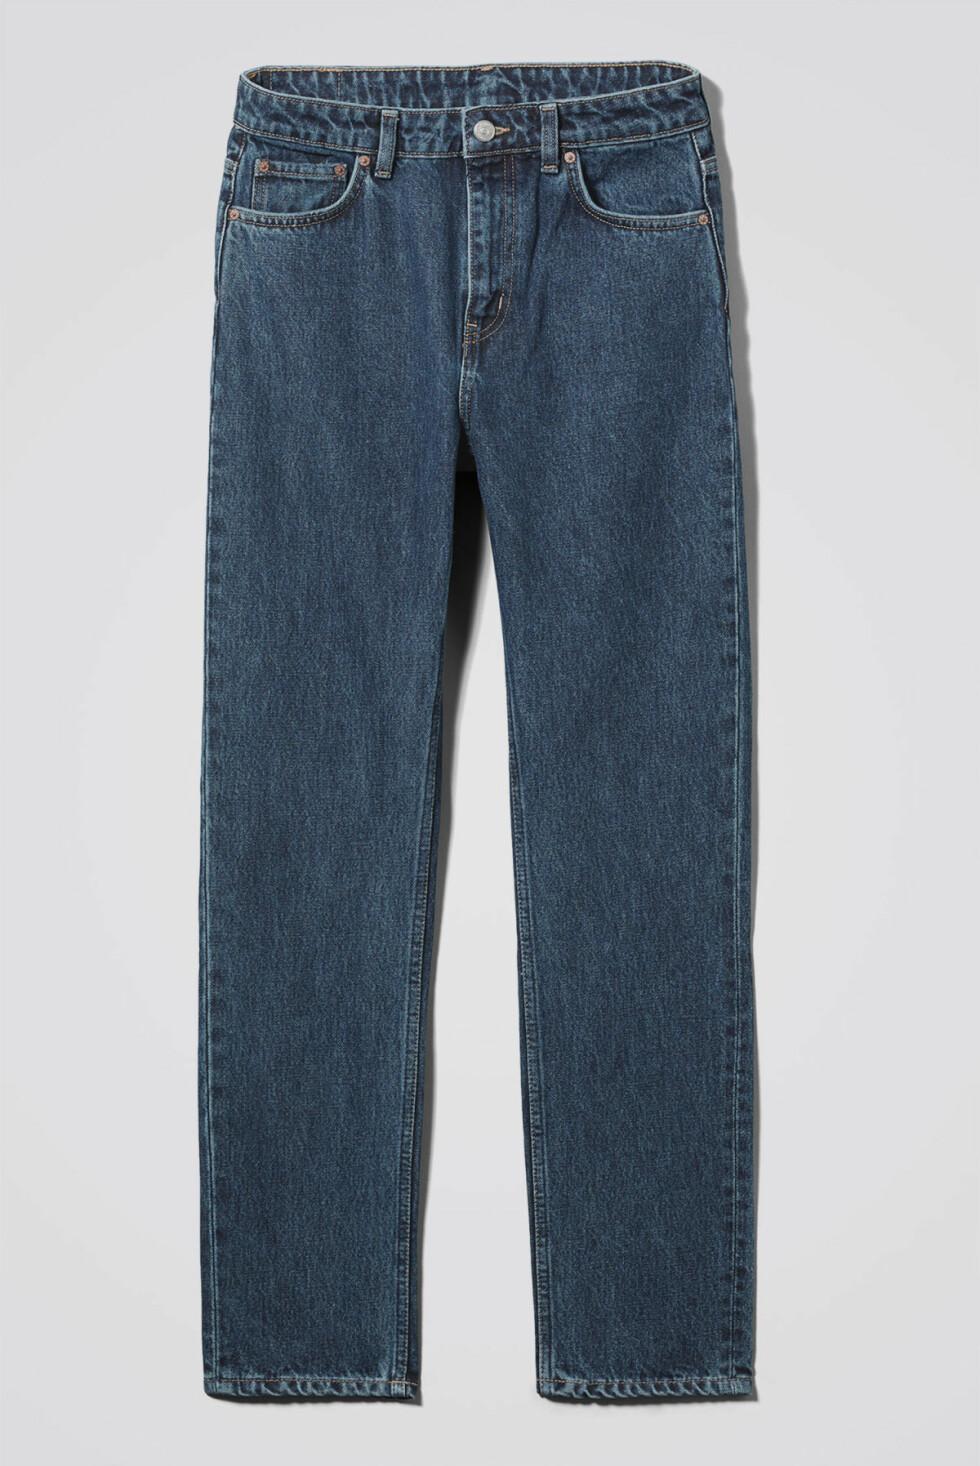 Jeans fra Weekday |500,-| https://www.weekday.com/en_sek/women/categories/jeans/product.seattle-win-jeans-blue.0569671001.html